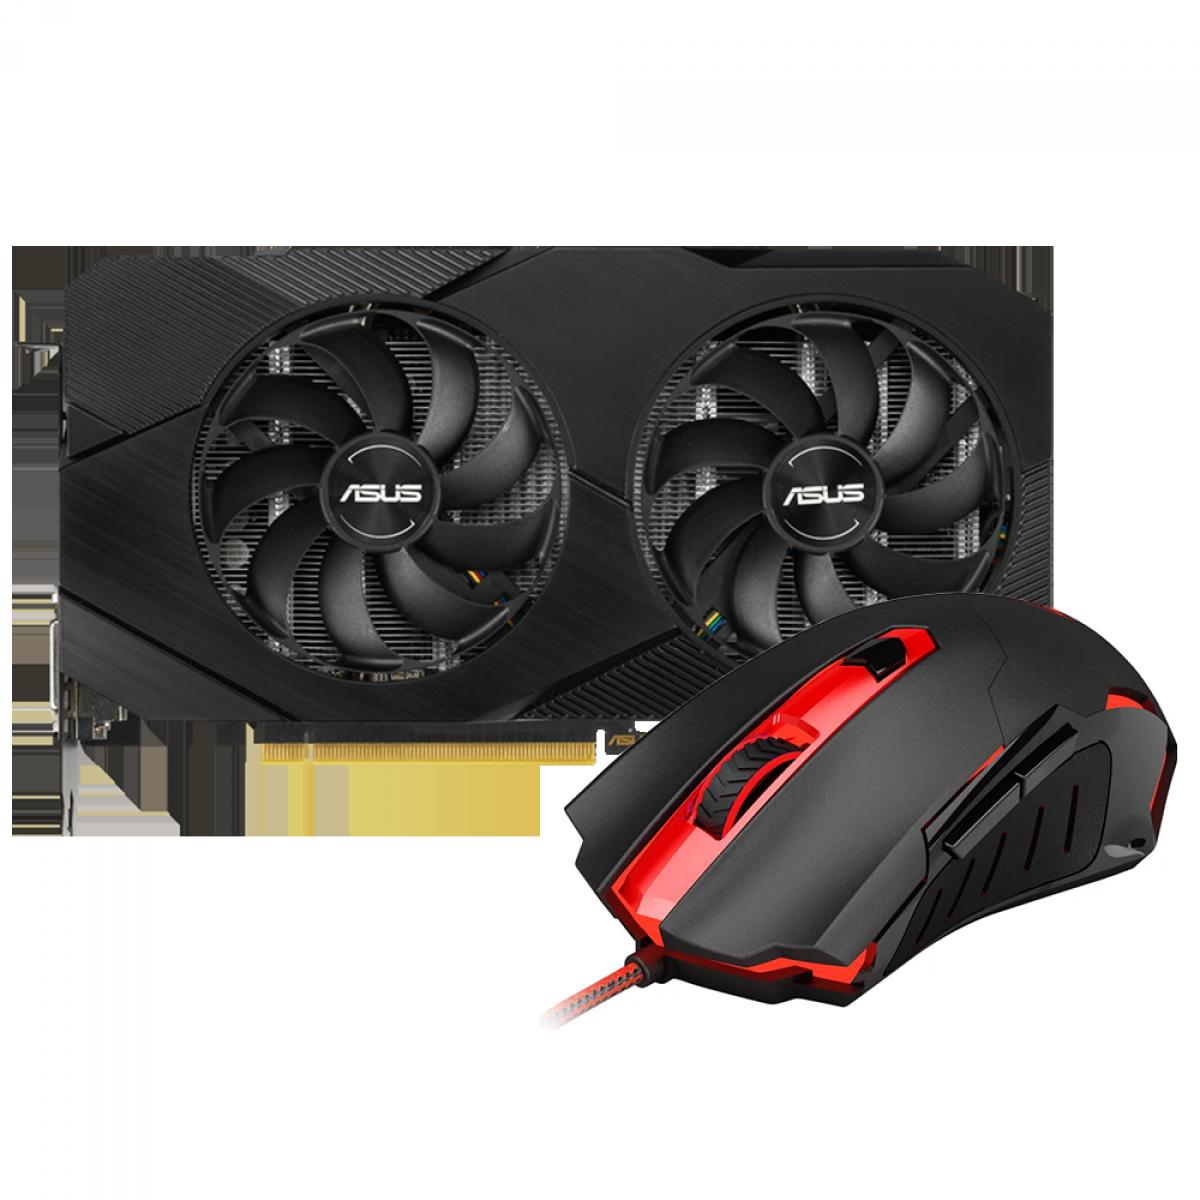 Kit Upgrade ASUS GeForce RTX 2060 OC EVO Dual + Redragon Pegasus M705